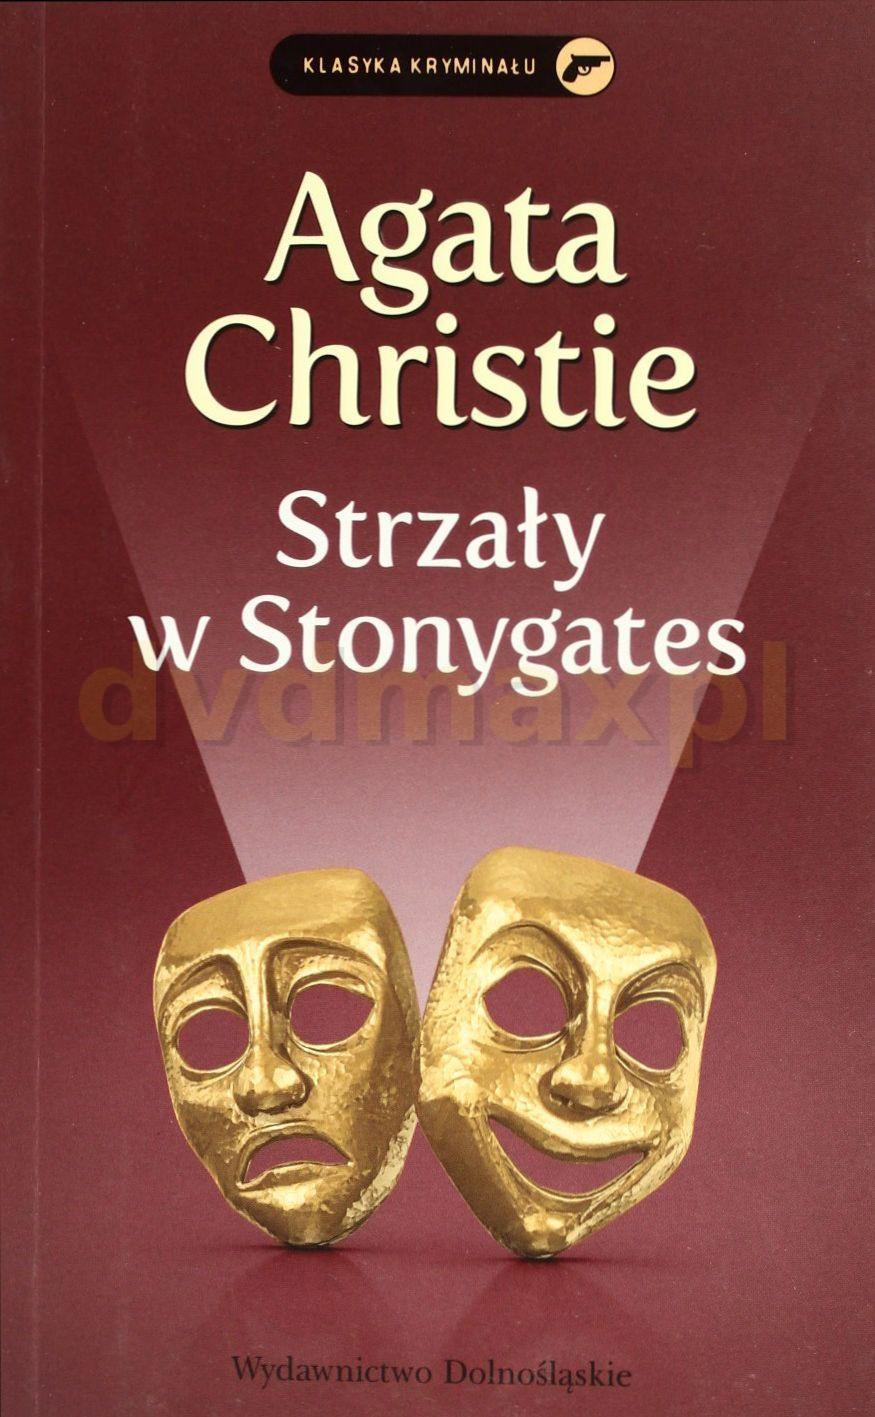 Kolekcja Agathy Christie: Strzały W Stonygates - Agata Christie [KSIĄŻKA] - Agata Christie